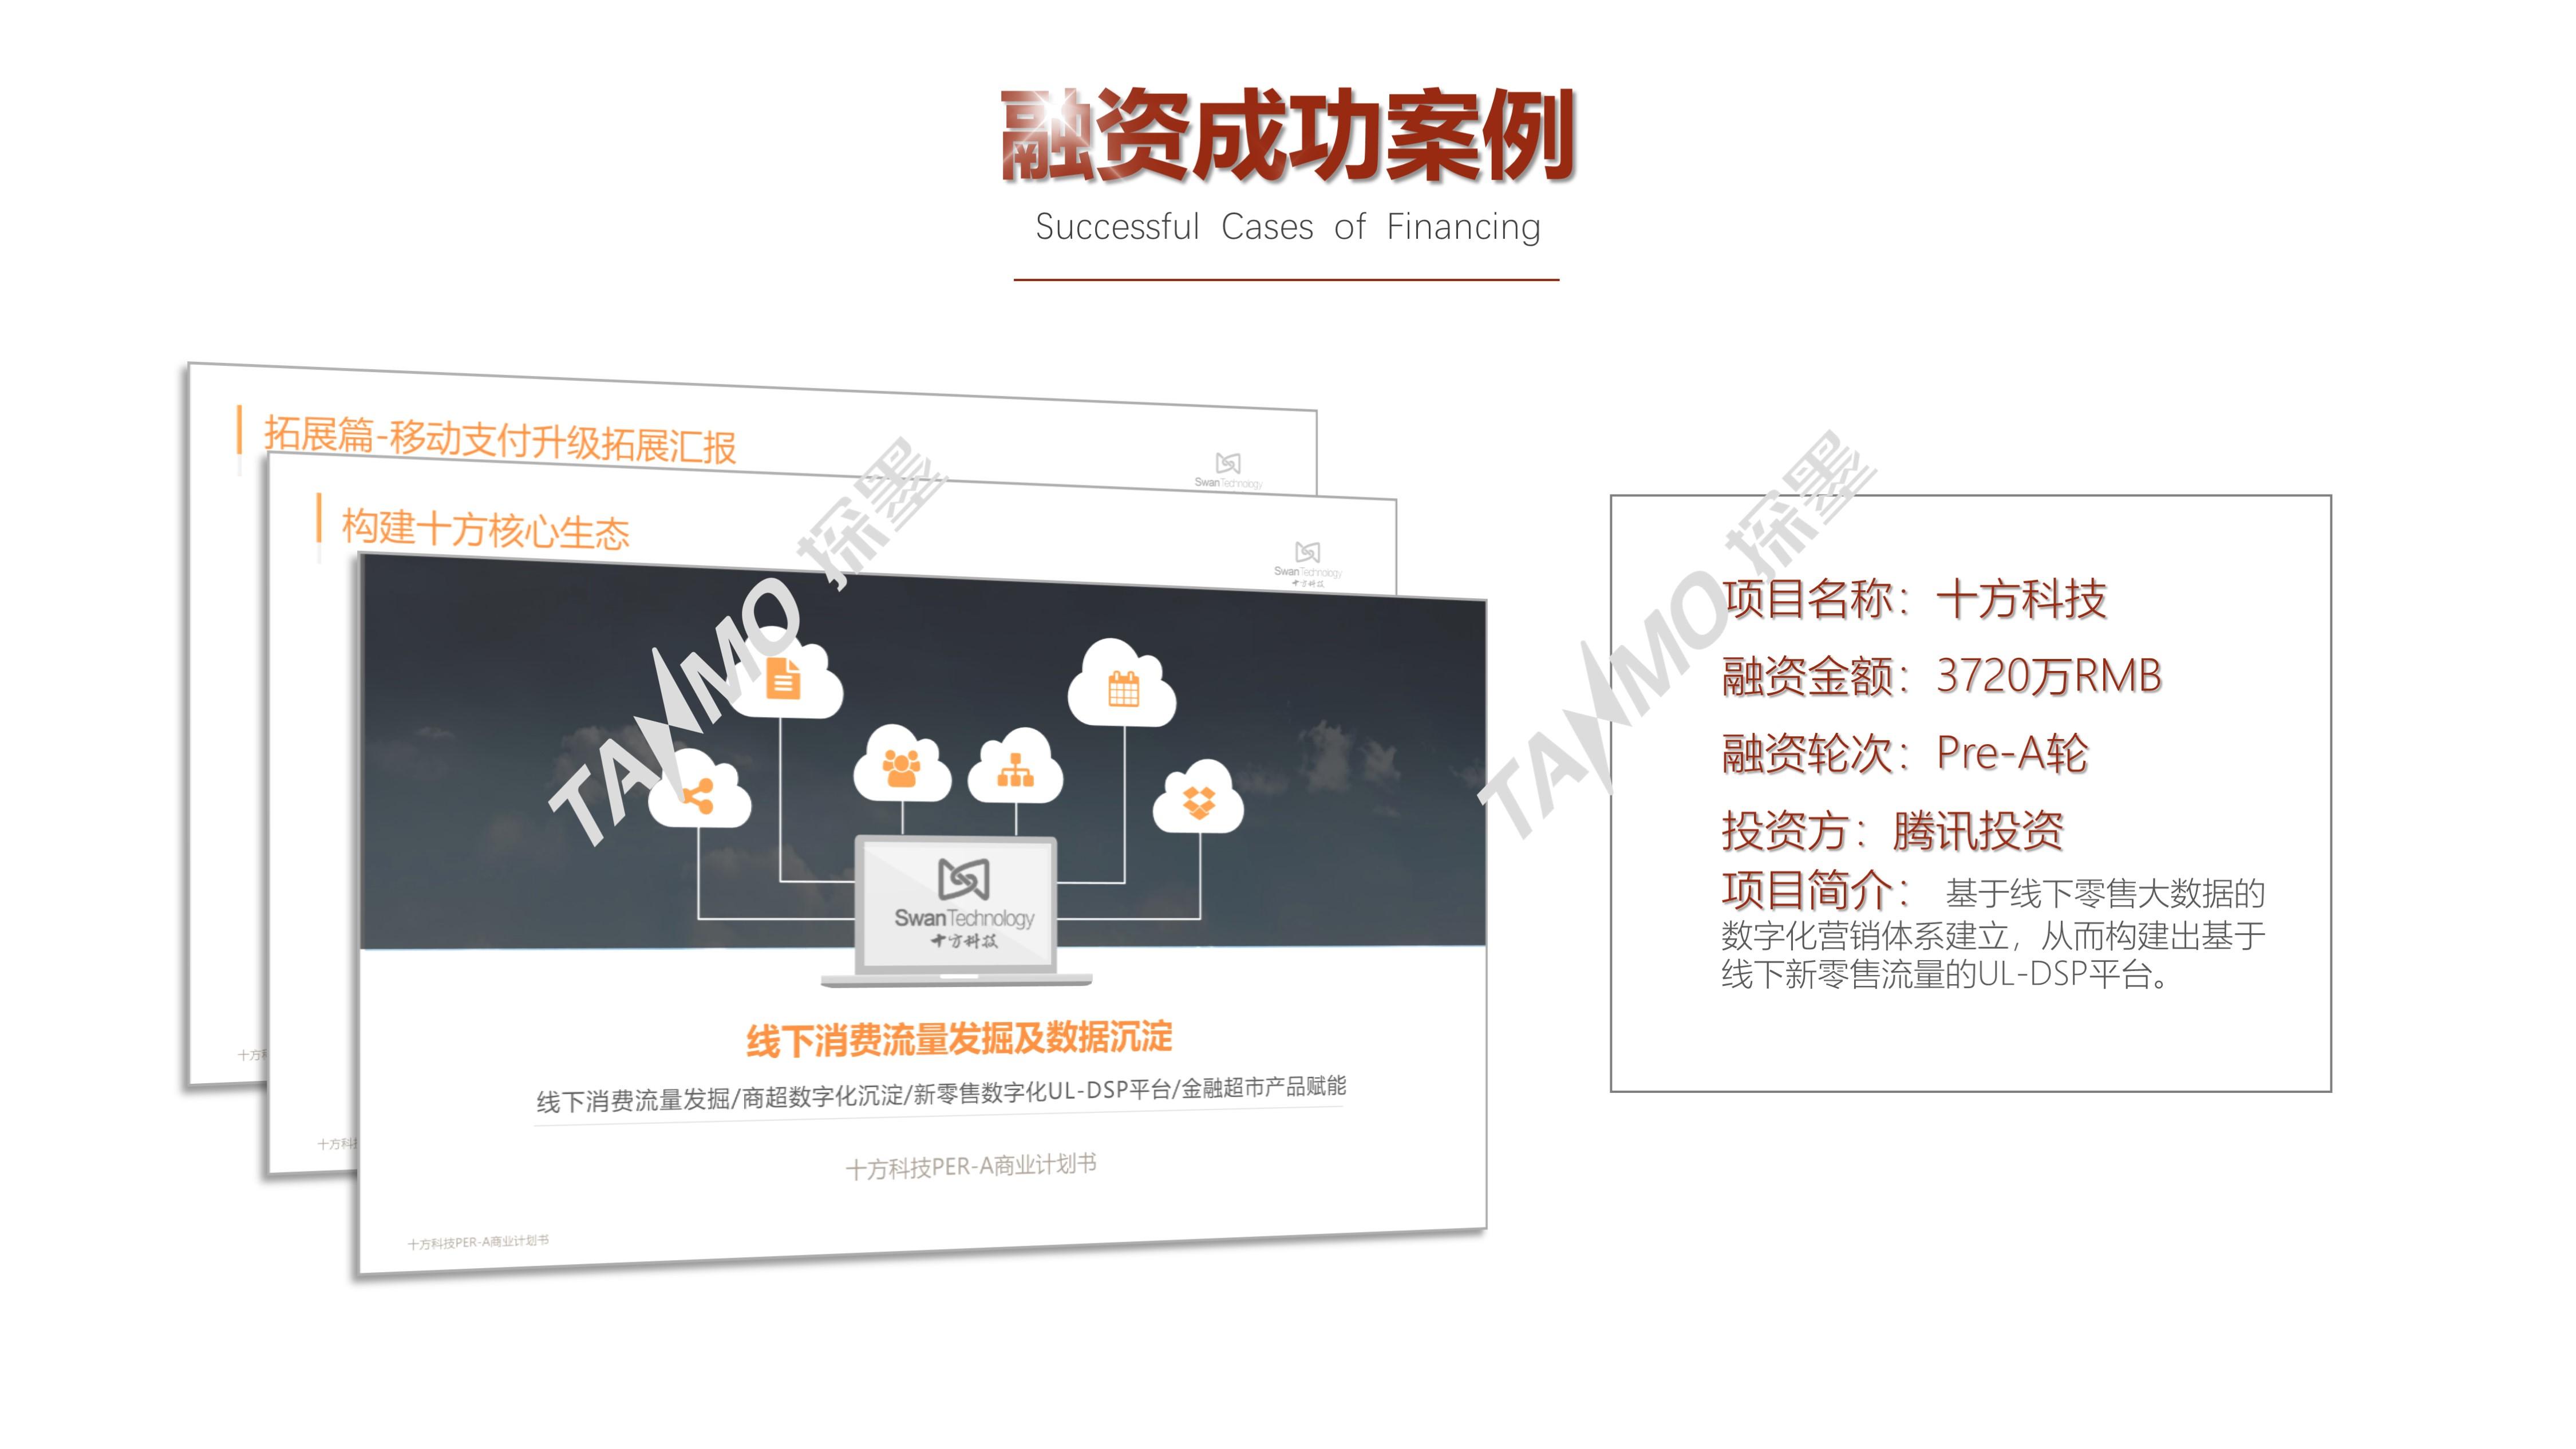 商业计划书融资路演商业计划书创业企业方案项目策划写作